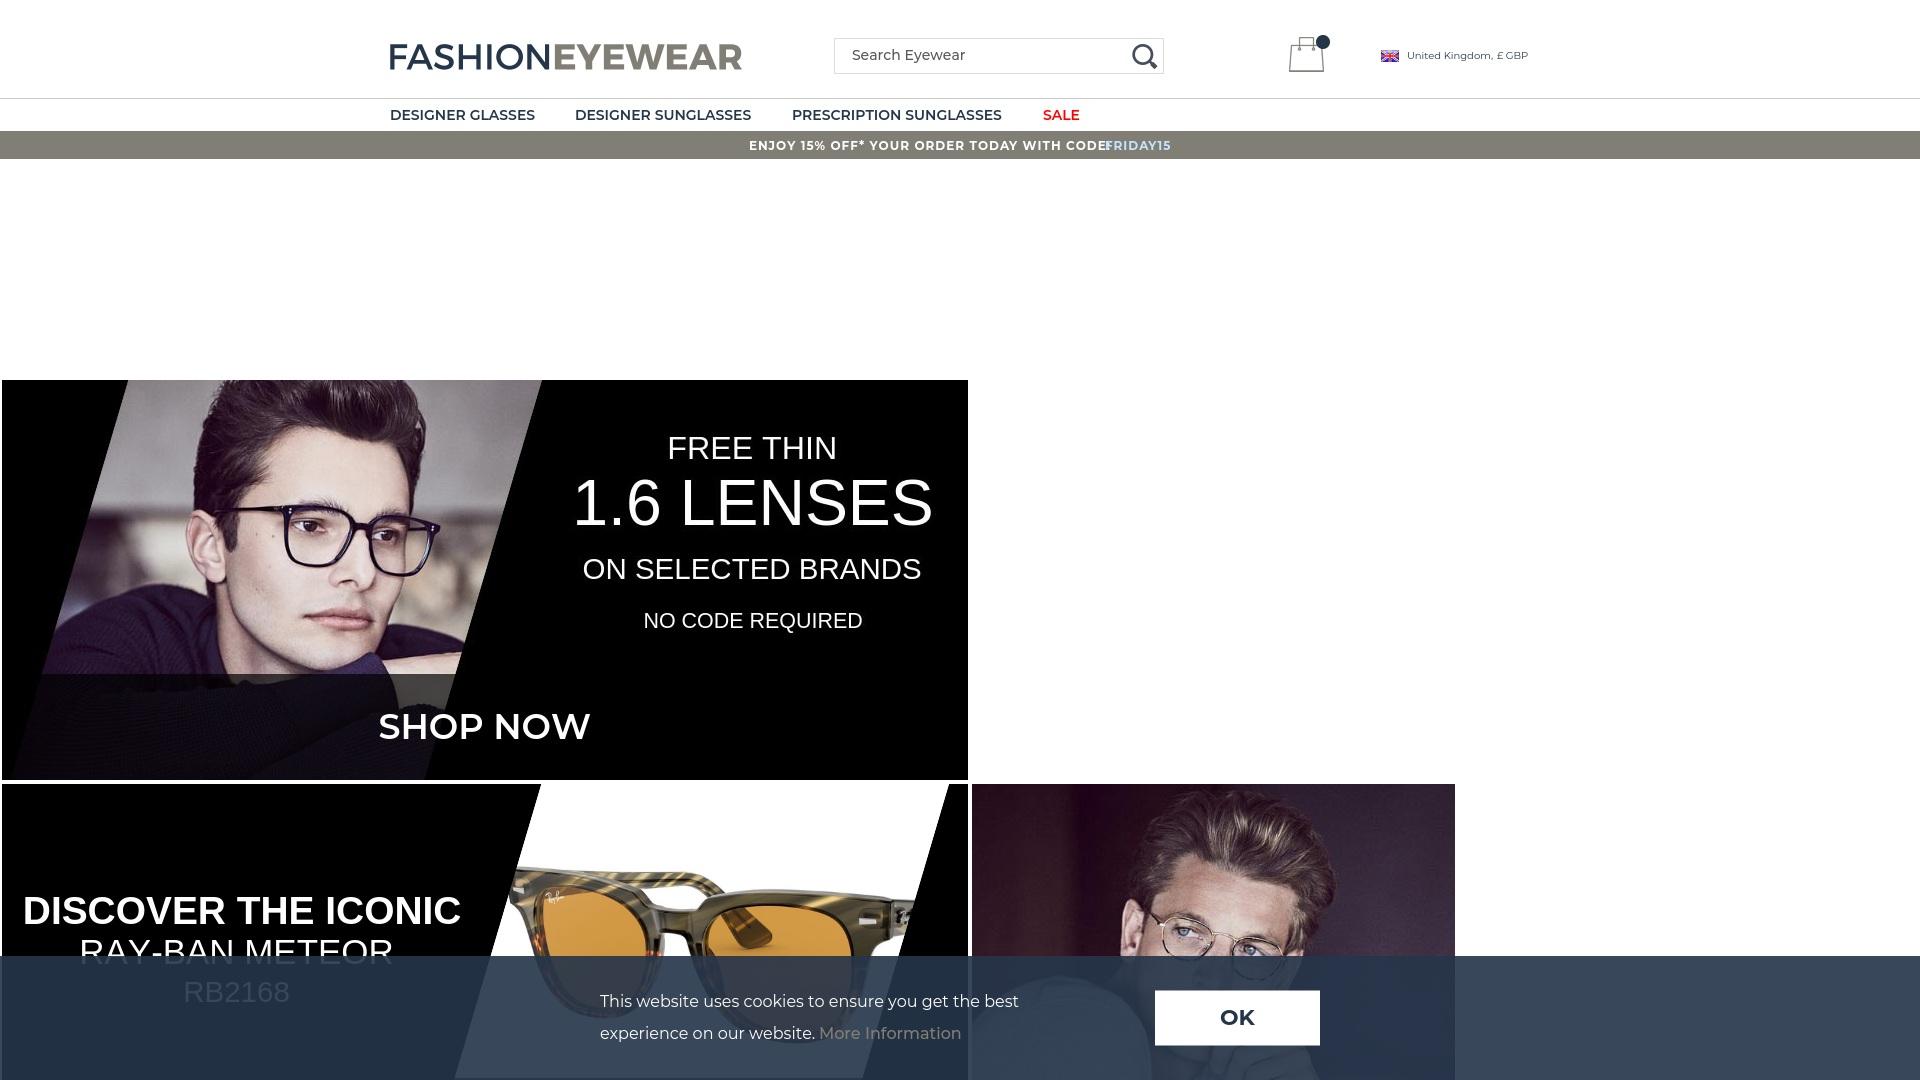 Gutschein für Fashioneyewear: Rabatte für  Fashioneyewear sichern